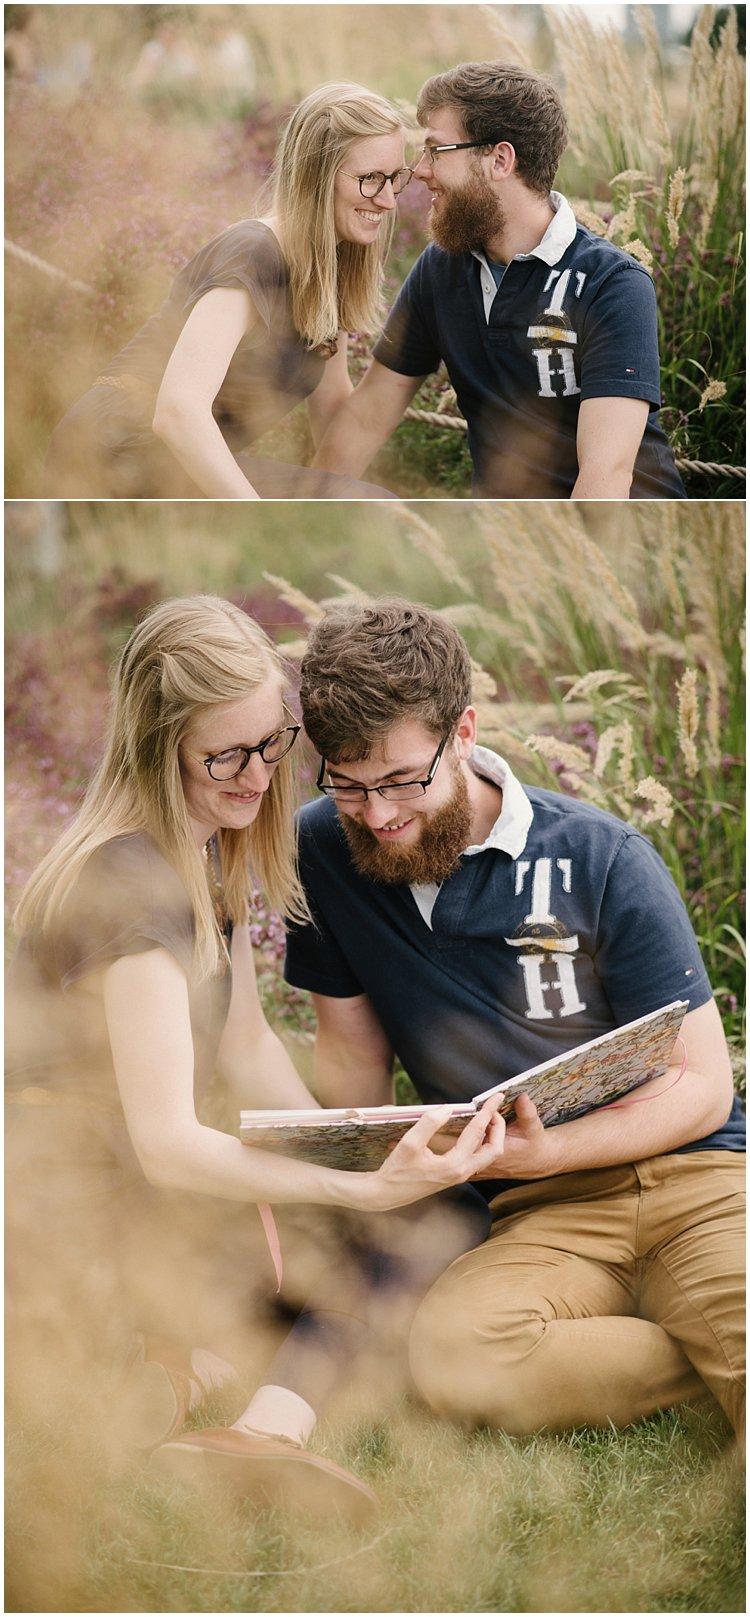 london-olympic-park-engagement-photoshoot-lily-sawyer-photo_0000